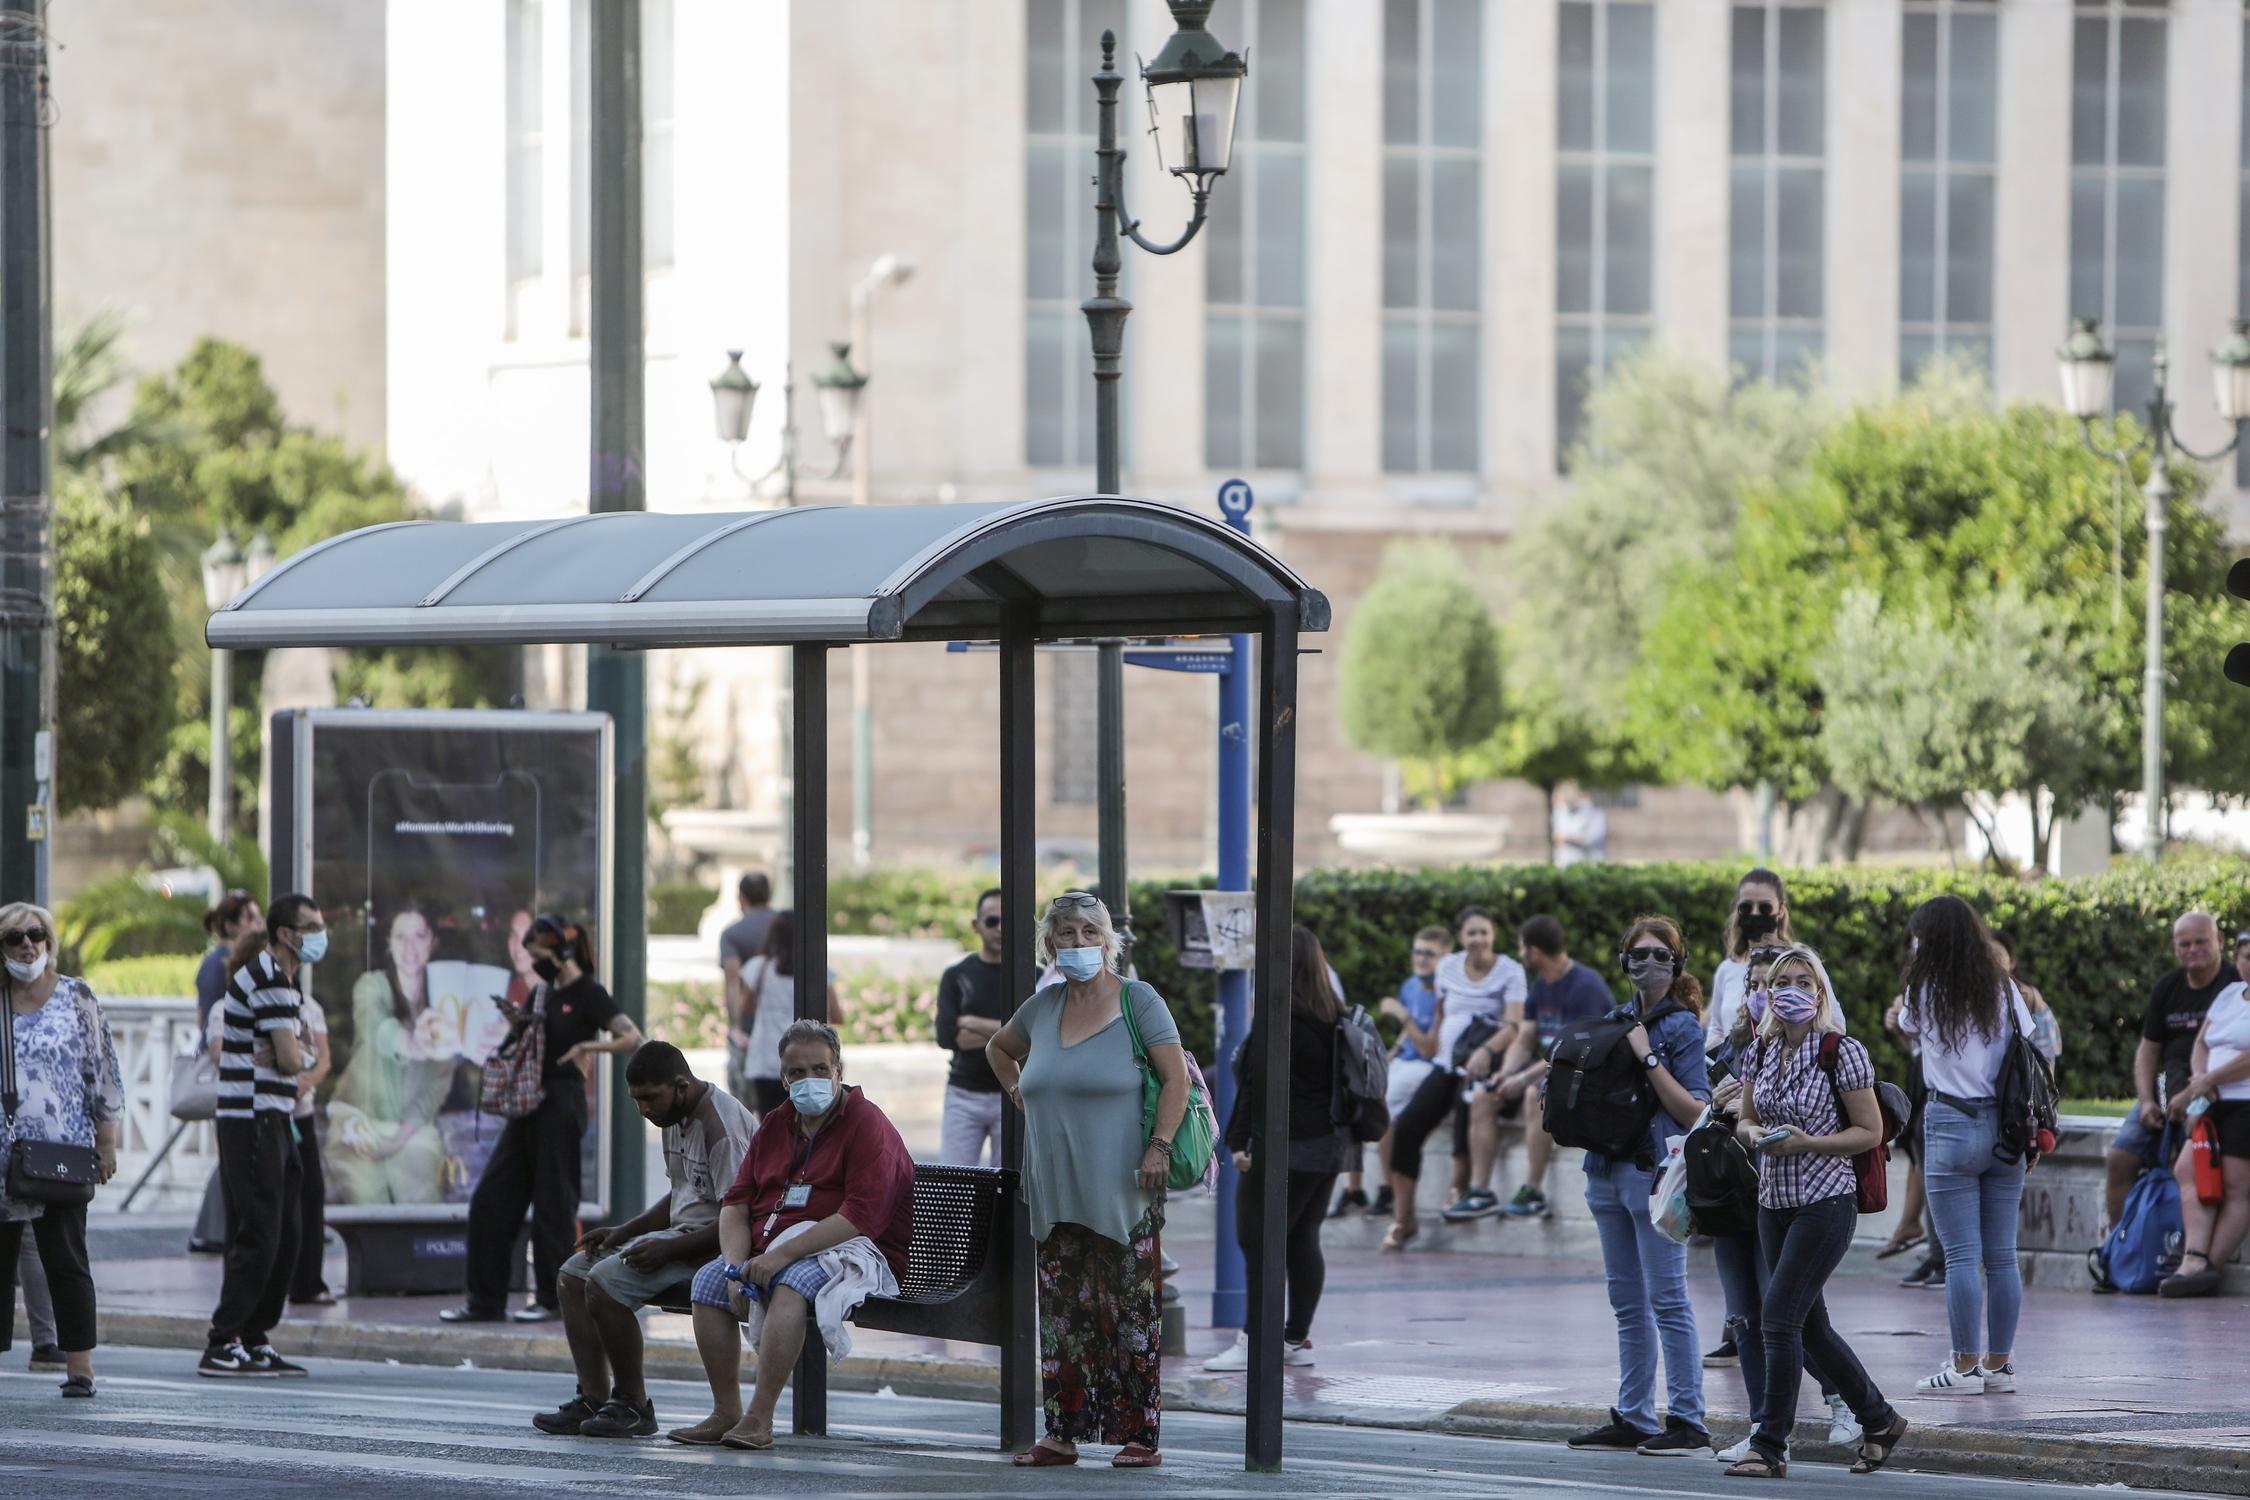 Κορωνοϊός : Πώς η Αθήνα «σκοτώνει» τους κατοίκους της - Ο θανατηφόρος  συνδυασμός - Ειδήσεις - νέα - Το Βήμα Online